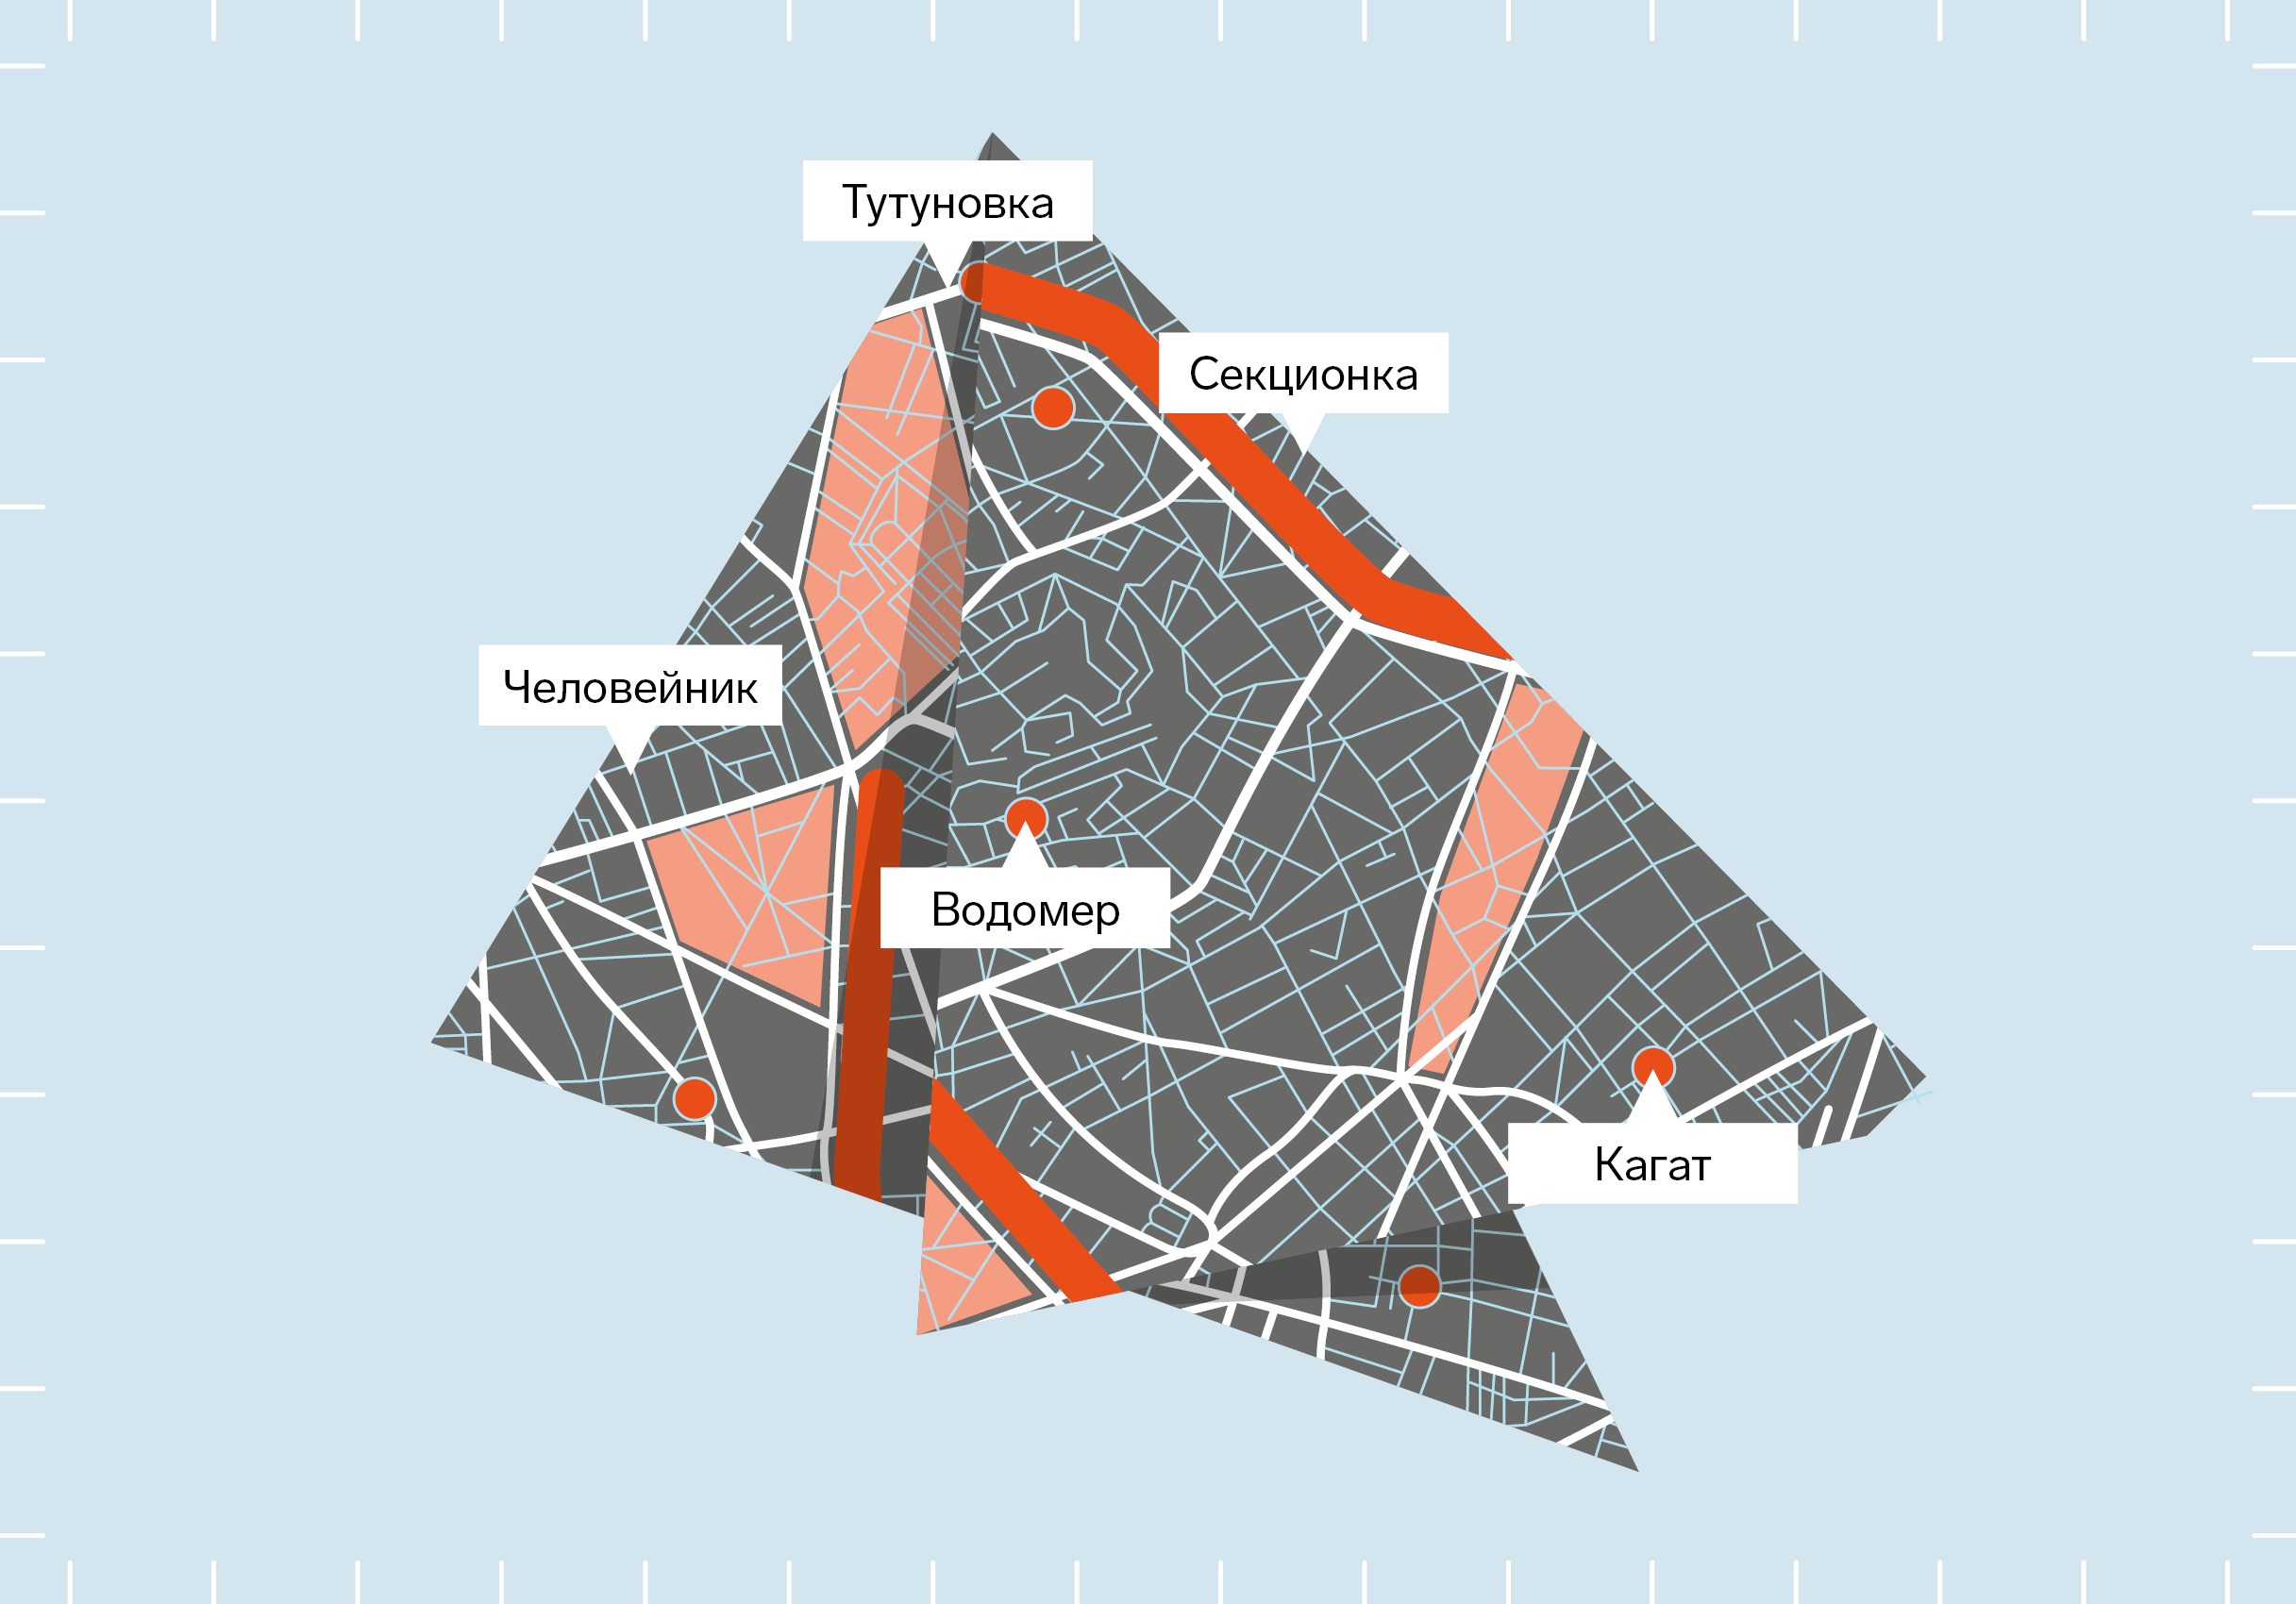 Сложности в понимании региональных словоформ